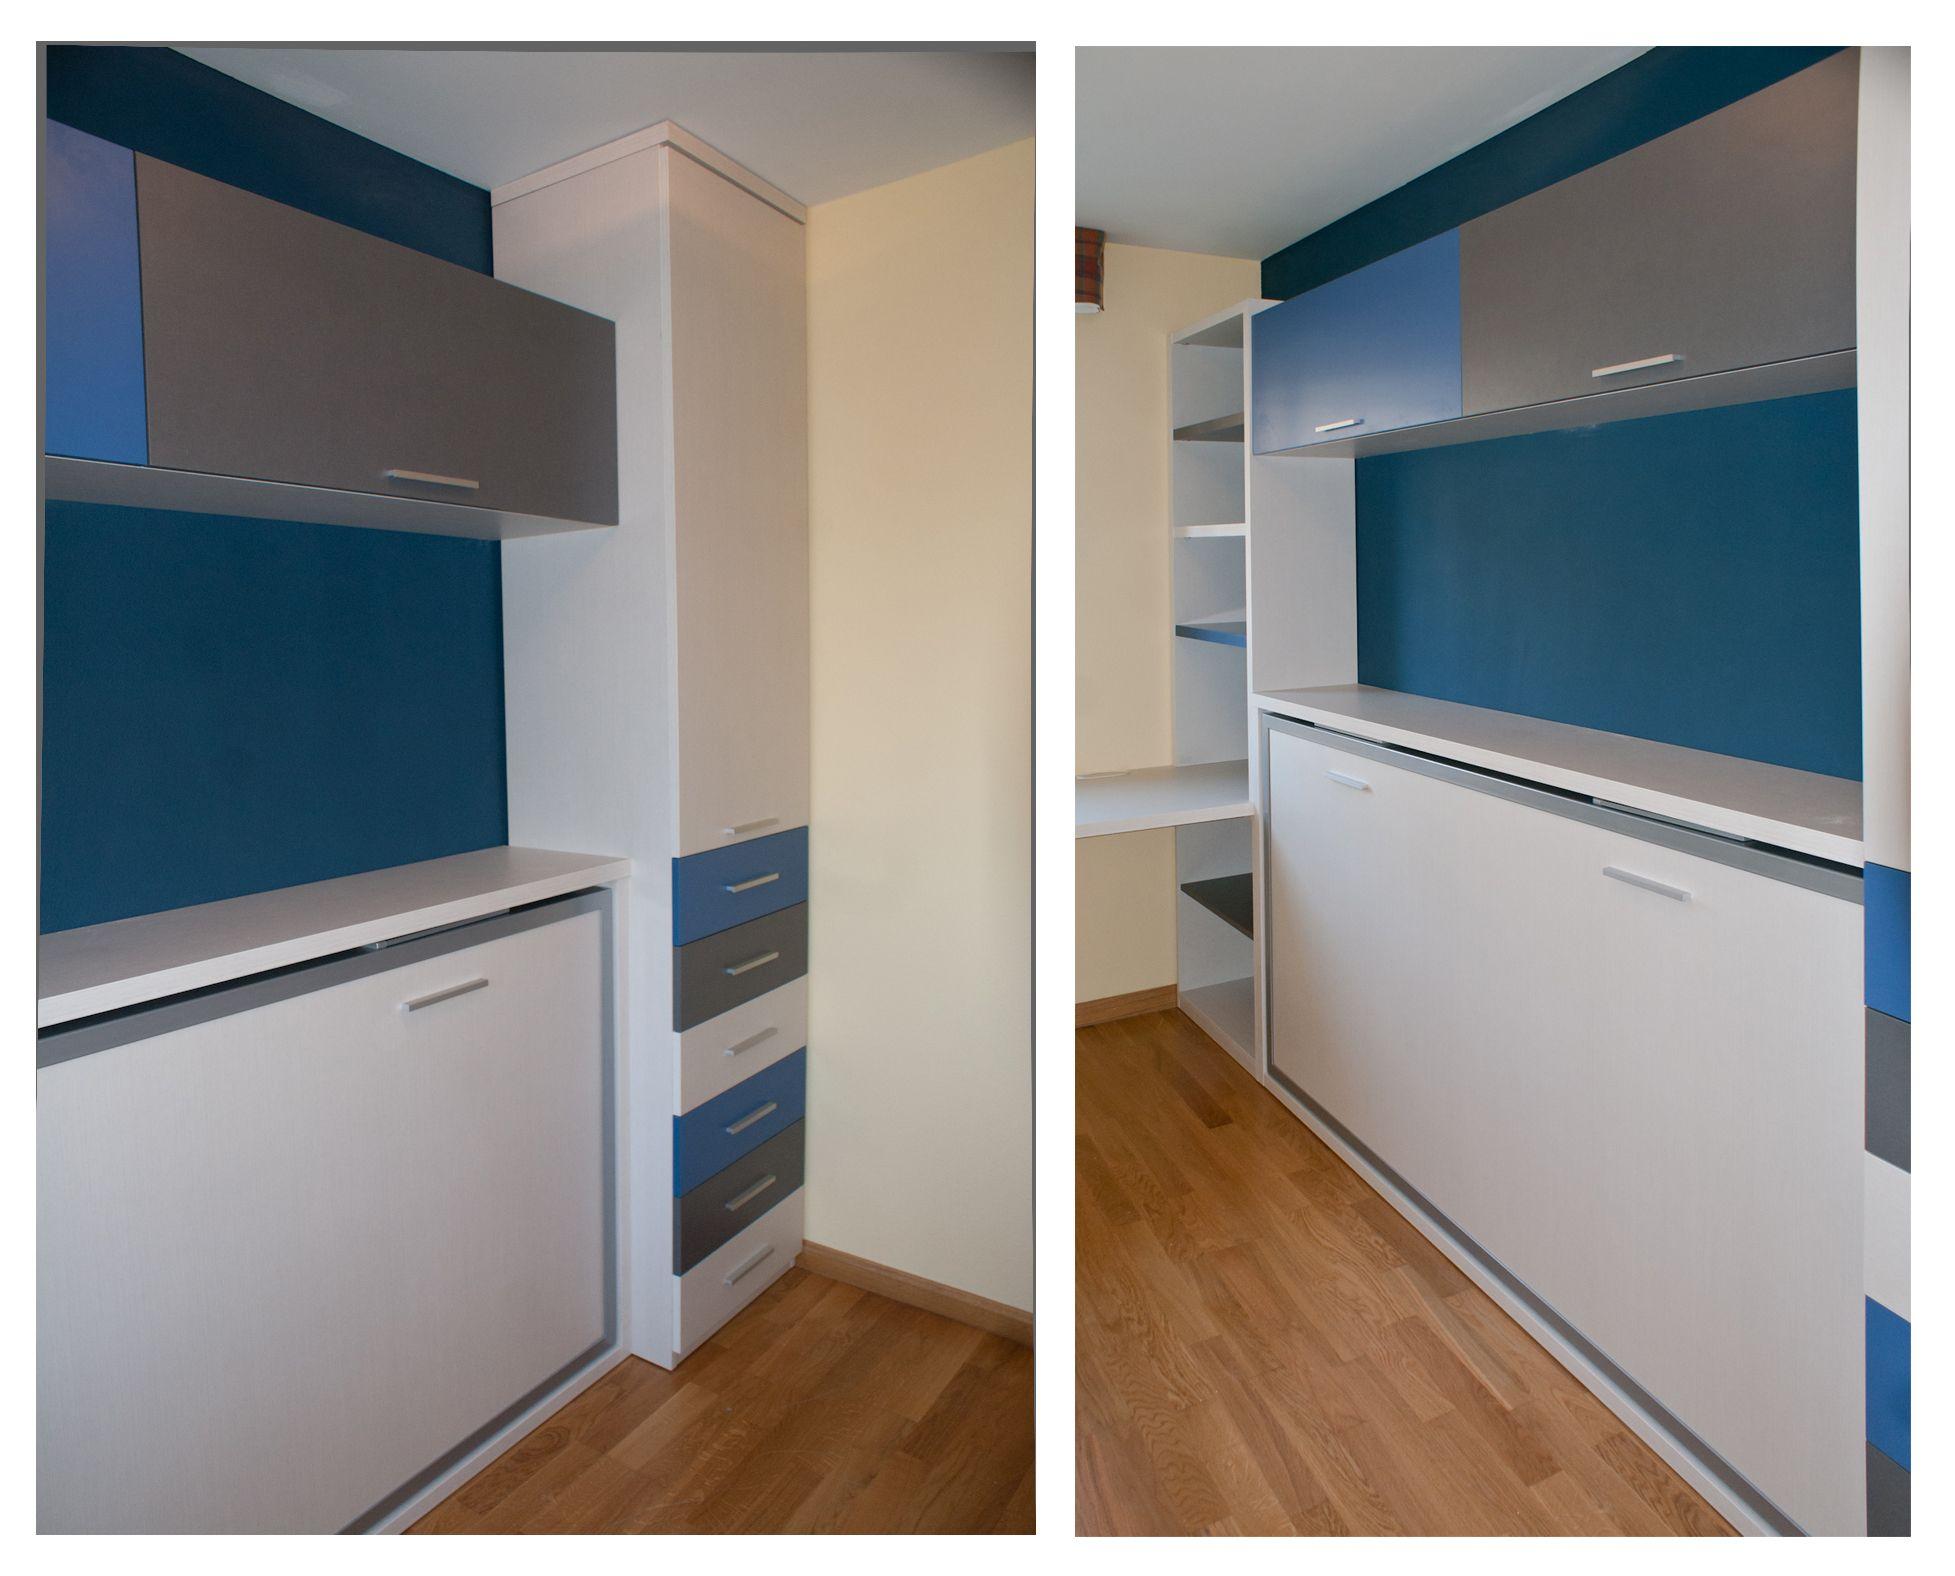 Dormitorio juvenil especial para habitaci nes peque as - Dormitorios para habitaciones pequenas ...